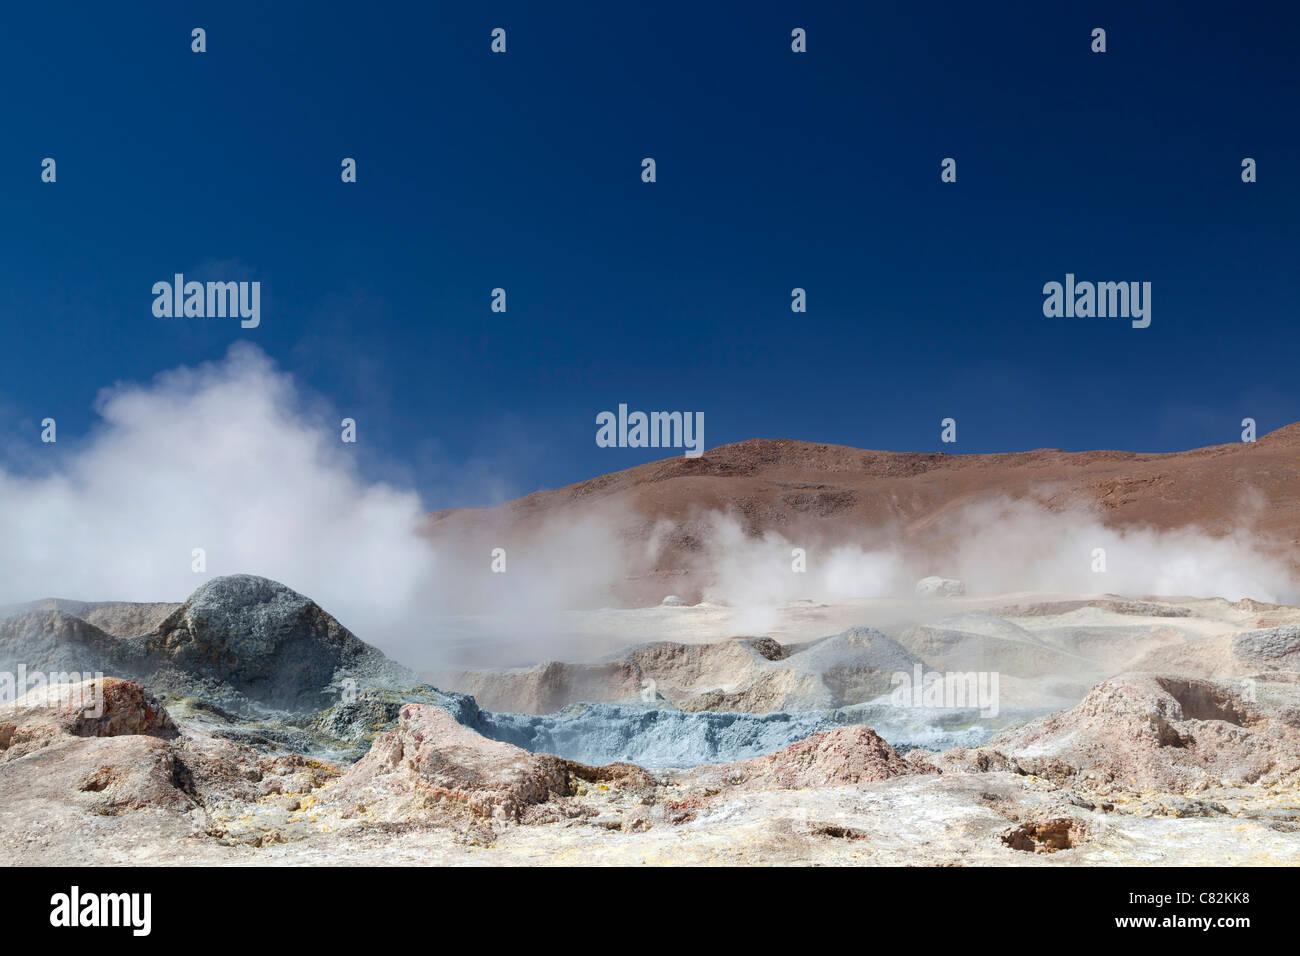 Geysers Sol de Manana (soleil du matin), de l'Altiplano bolivien Photo Stock